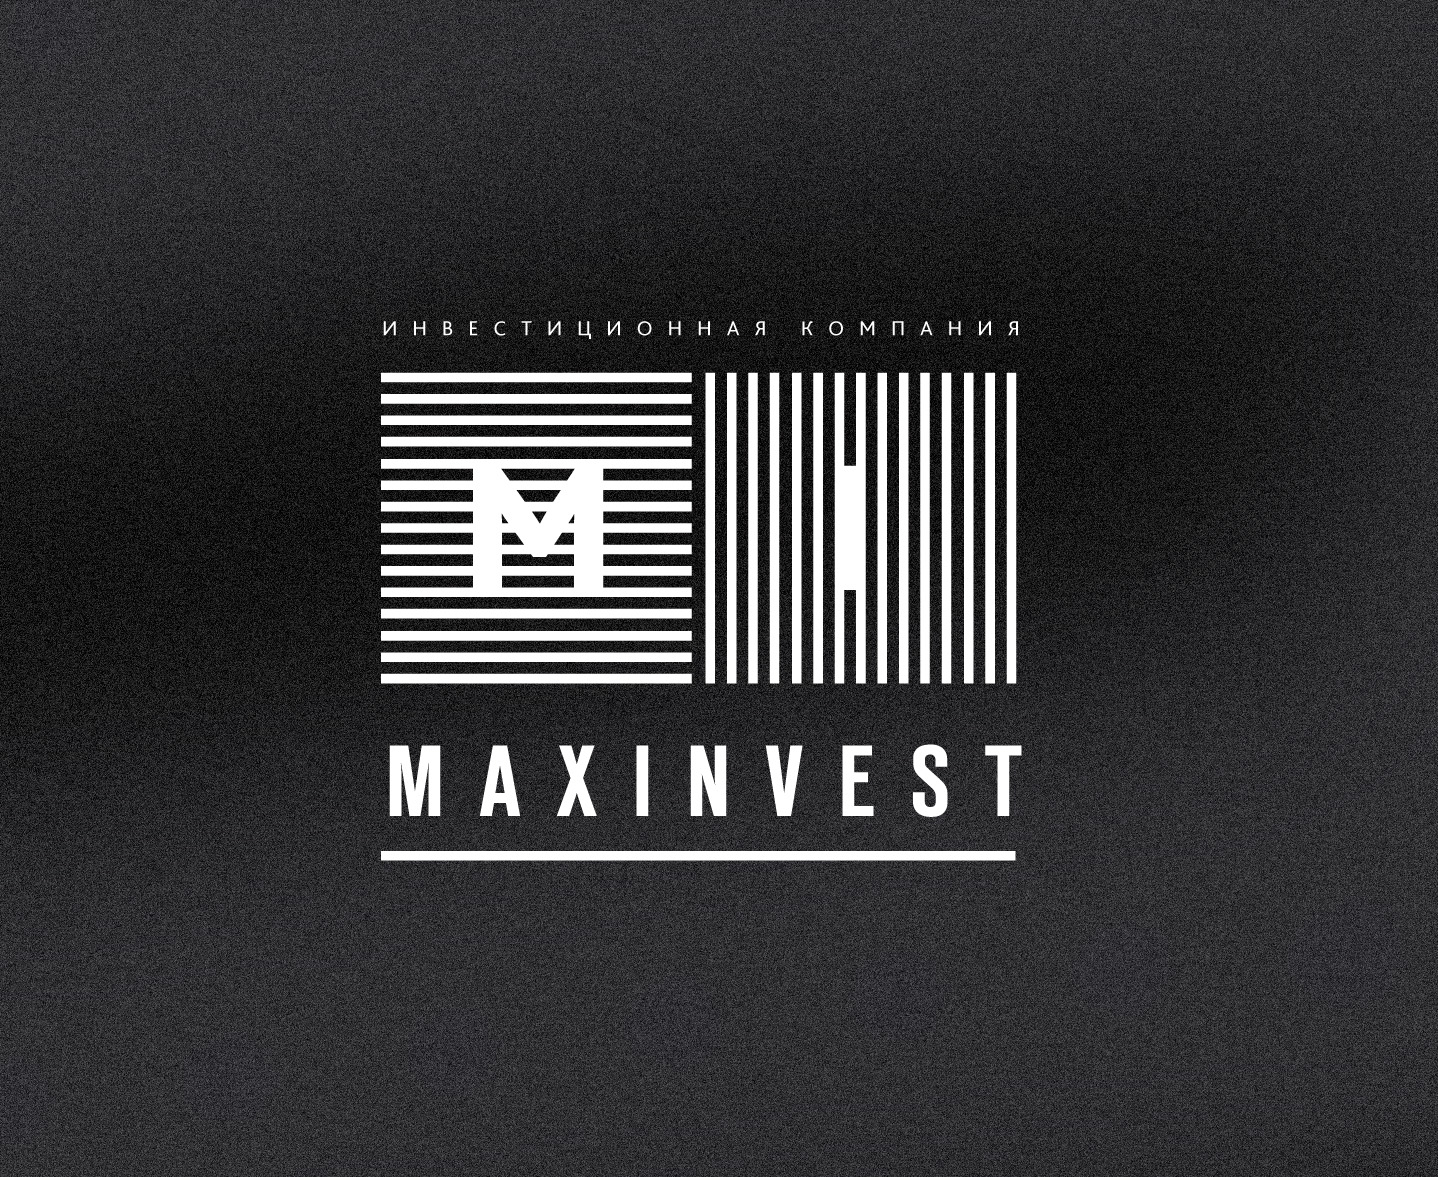 Логотип, фирменный шрифт, фирменный бланк фото f_4755acf94dfb63db.jpg